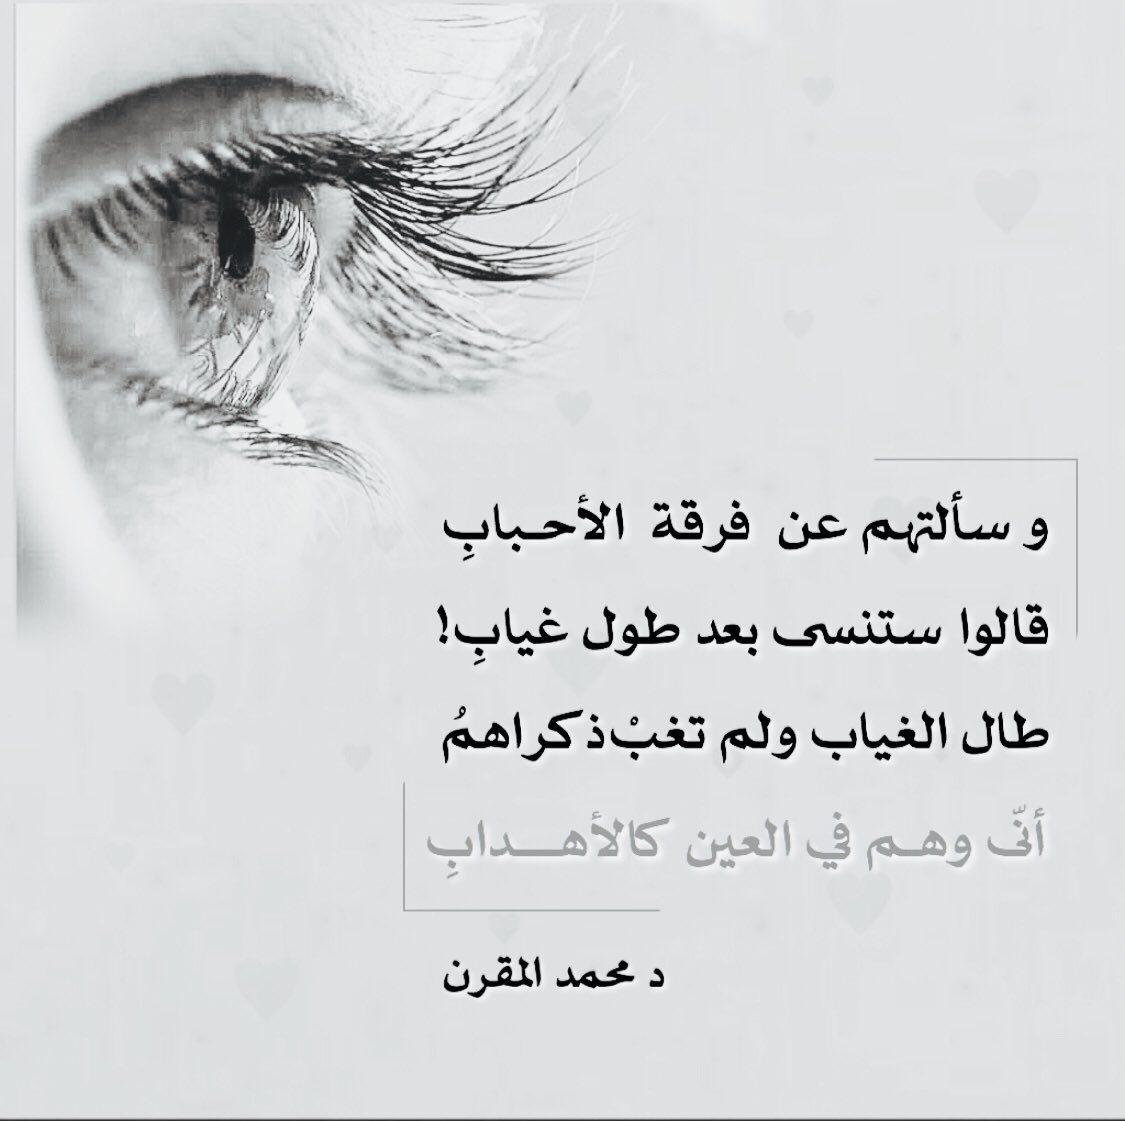 طال الغياب ولم تغب ذكراهم أن ى وهم في العين كالأهداب Poetry Math Words